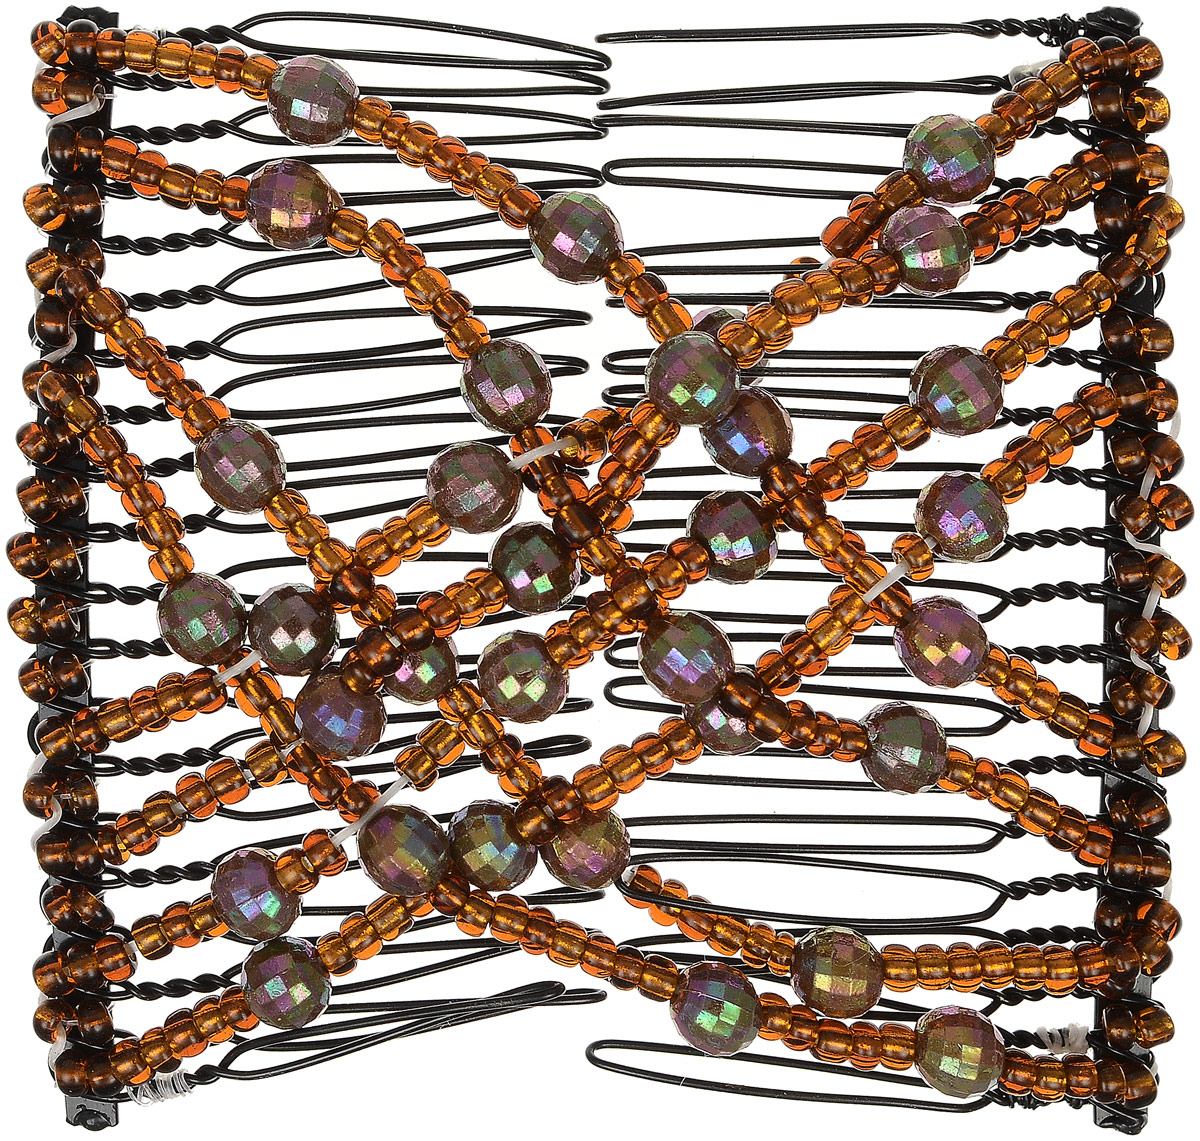 EZ-Combs Заколка Изи-Комбс, одинарная, цвет: коричневый. ЗИО_перламутр ez combs заколка изи комбс одинарная цвет коричневый зио сердечки